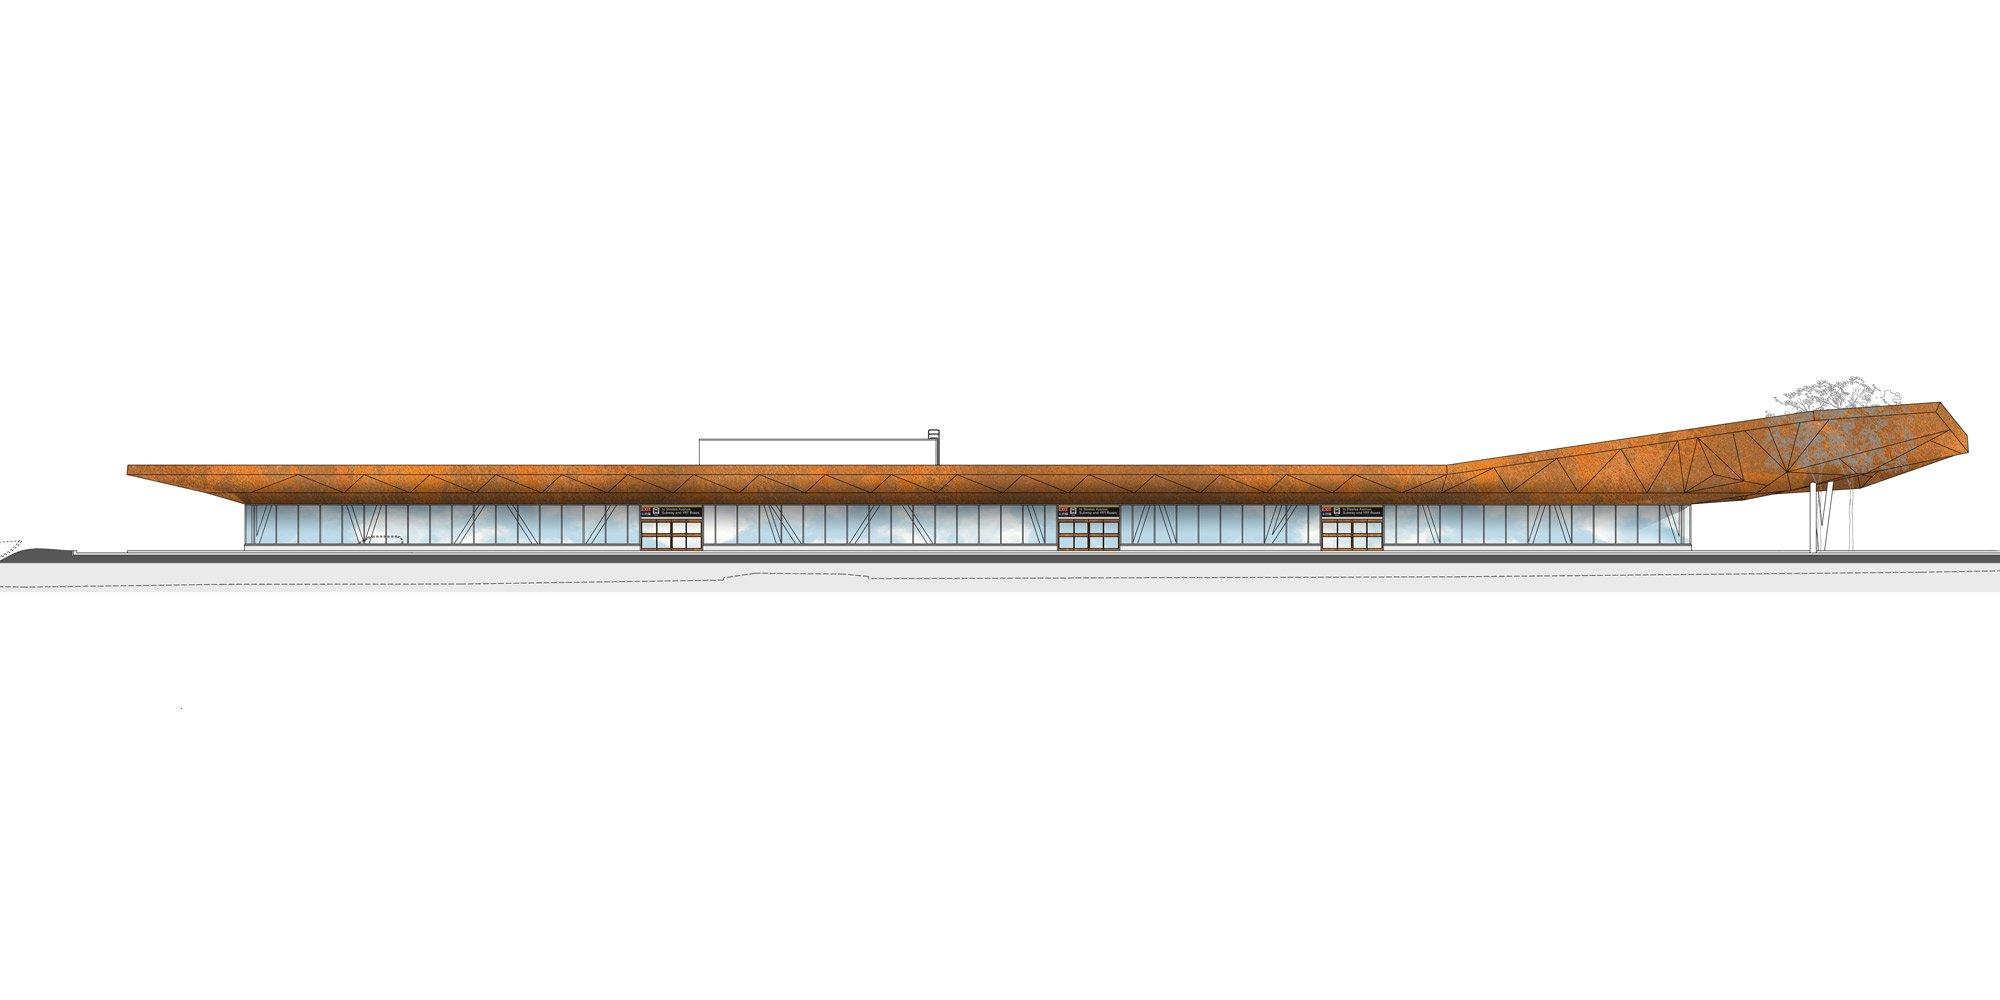 Prospetto sud - Terminal autobus © aLL Design, TSGA